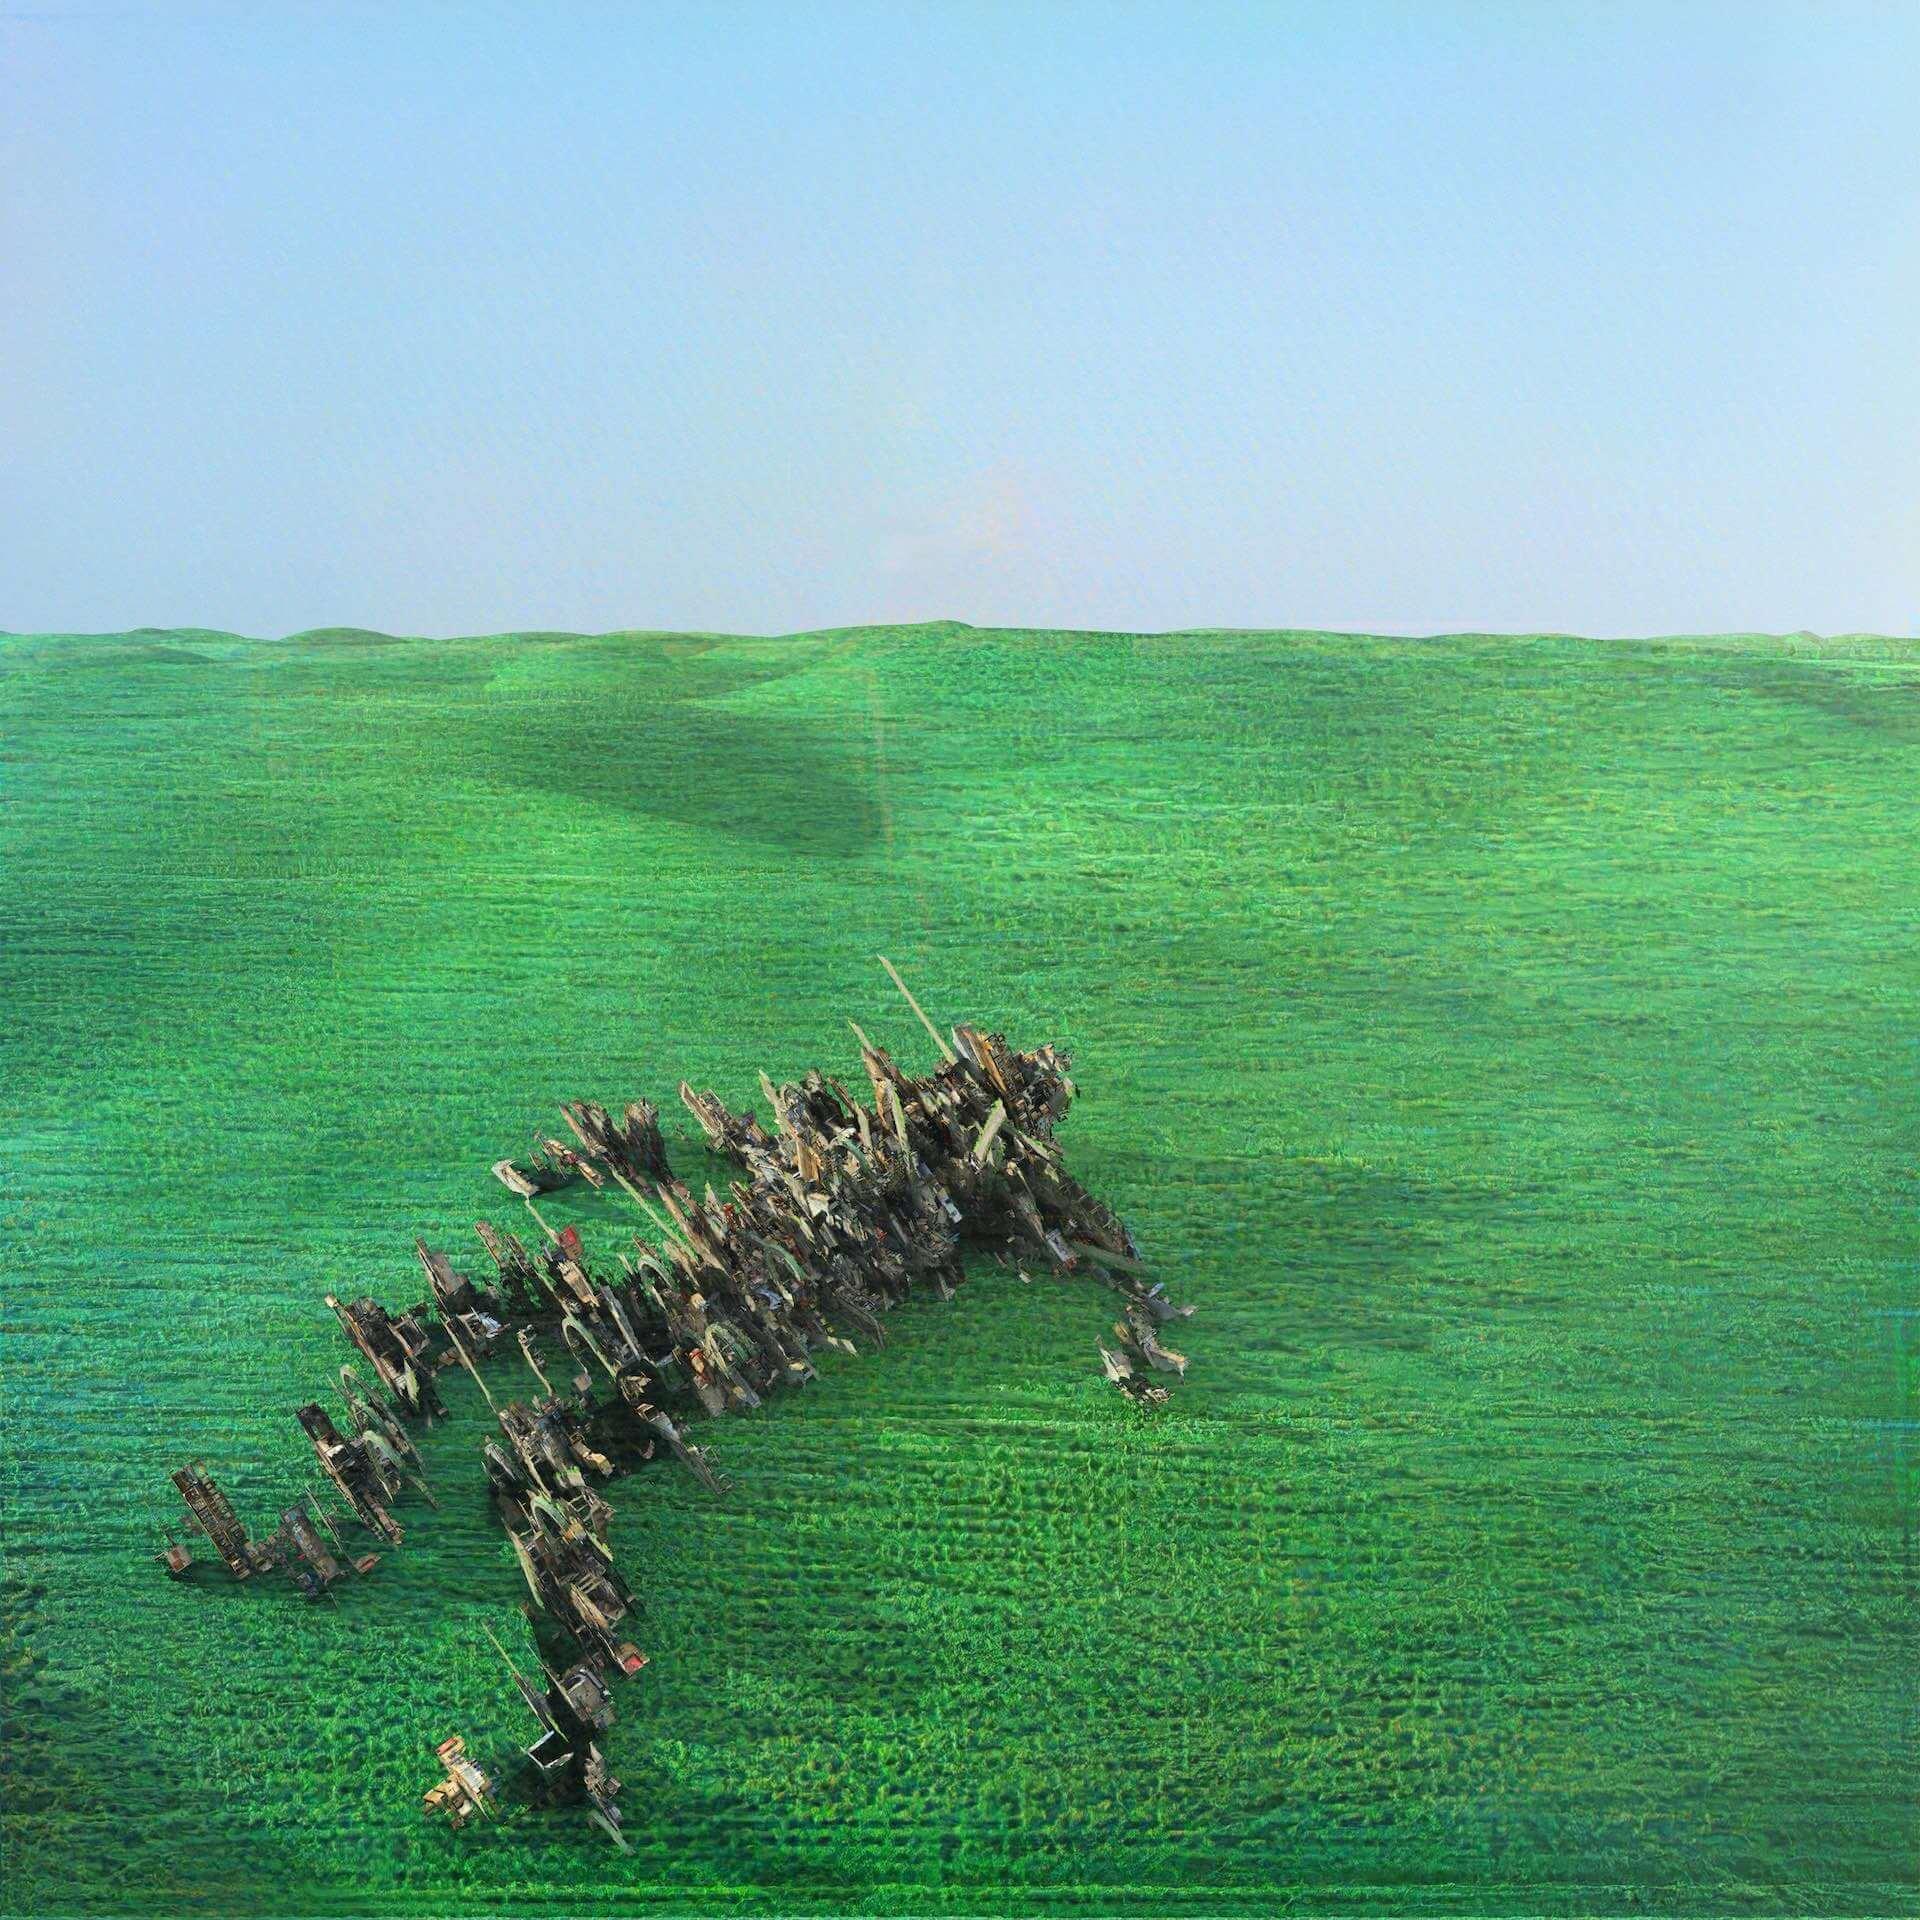 """次世代UKロックシーンの注目バンド・Squidがデビューアルバム『Bright Green Field』をリリース決定!収録曲""""Narrator""""MVが解禁 music210128_squid_1-1920x1920"""